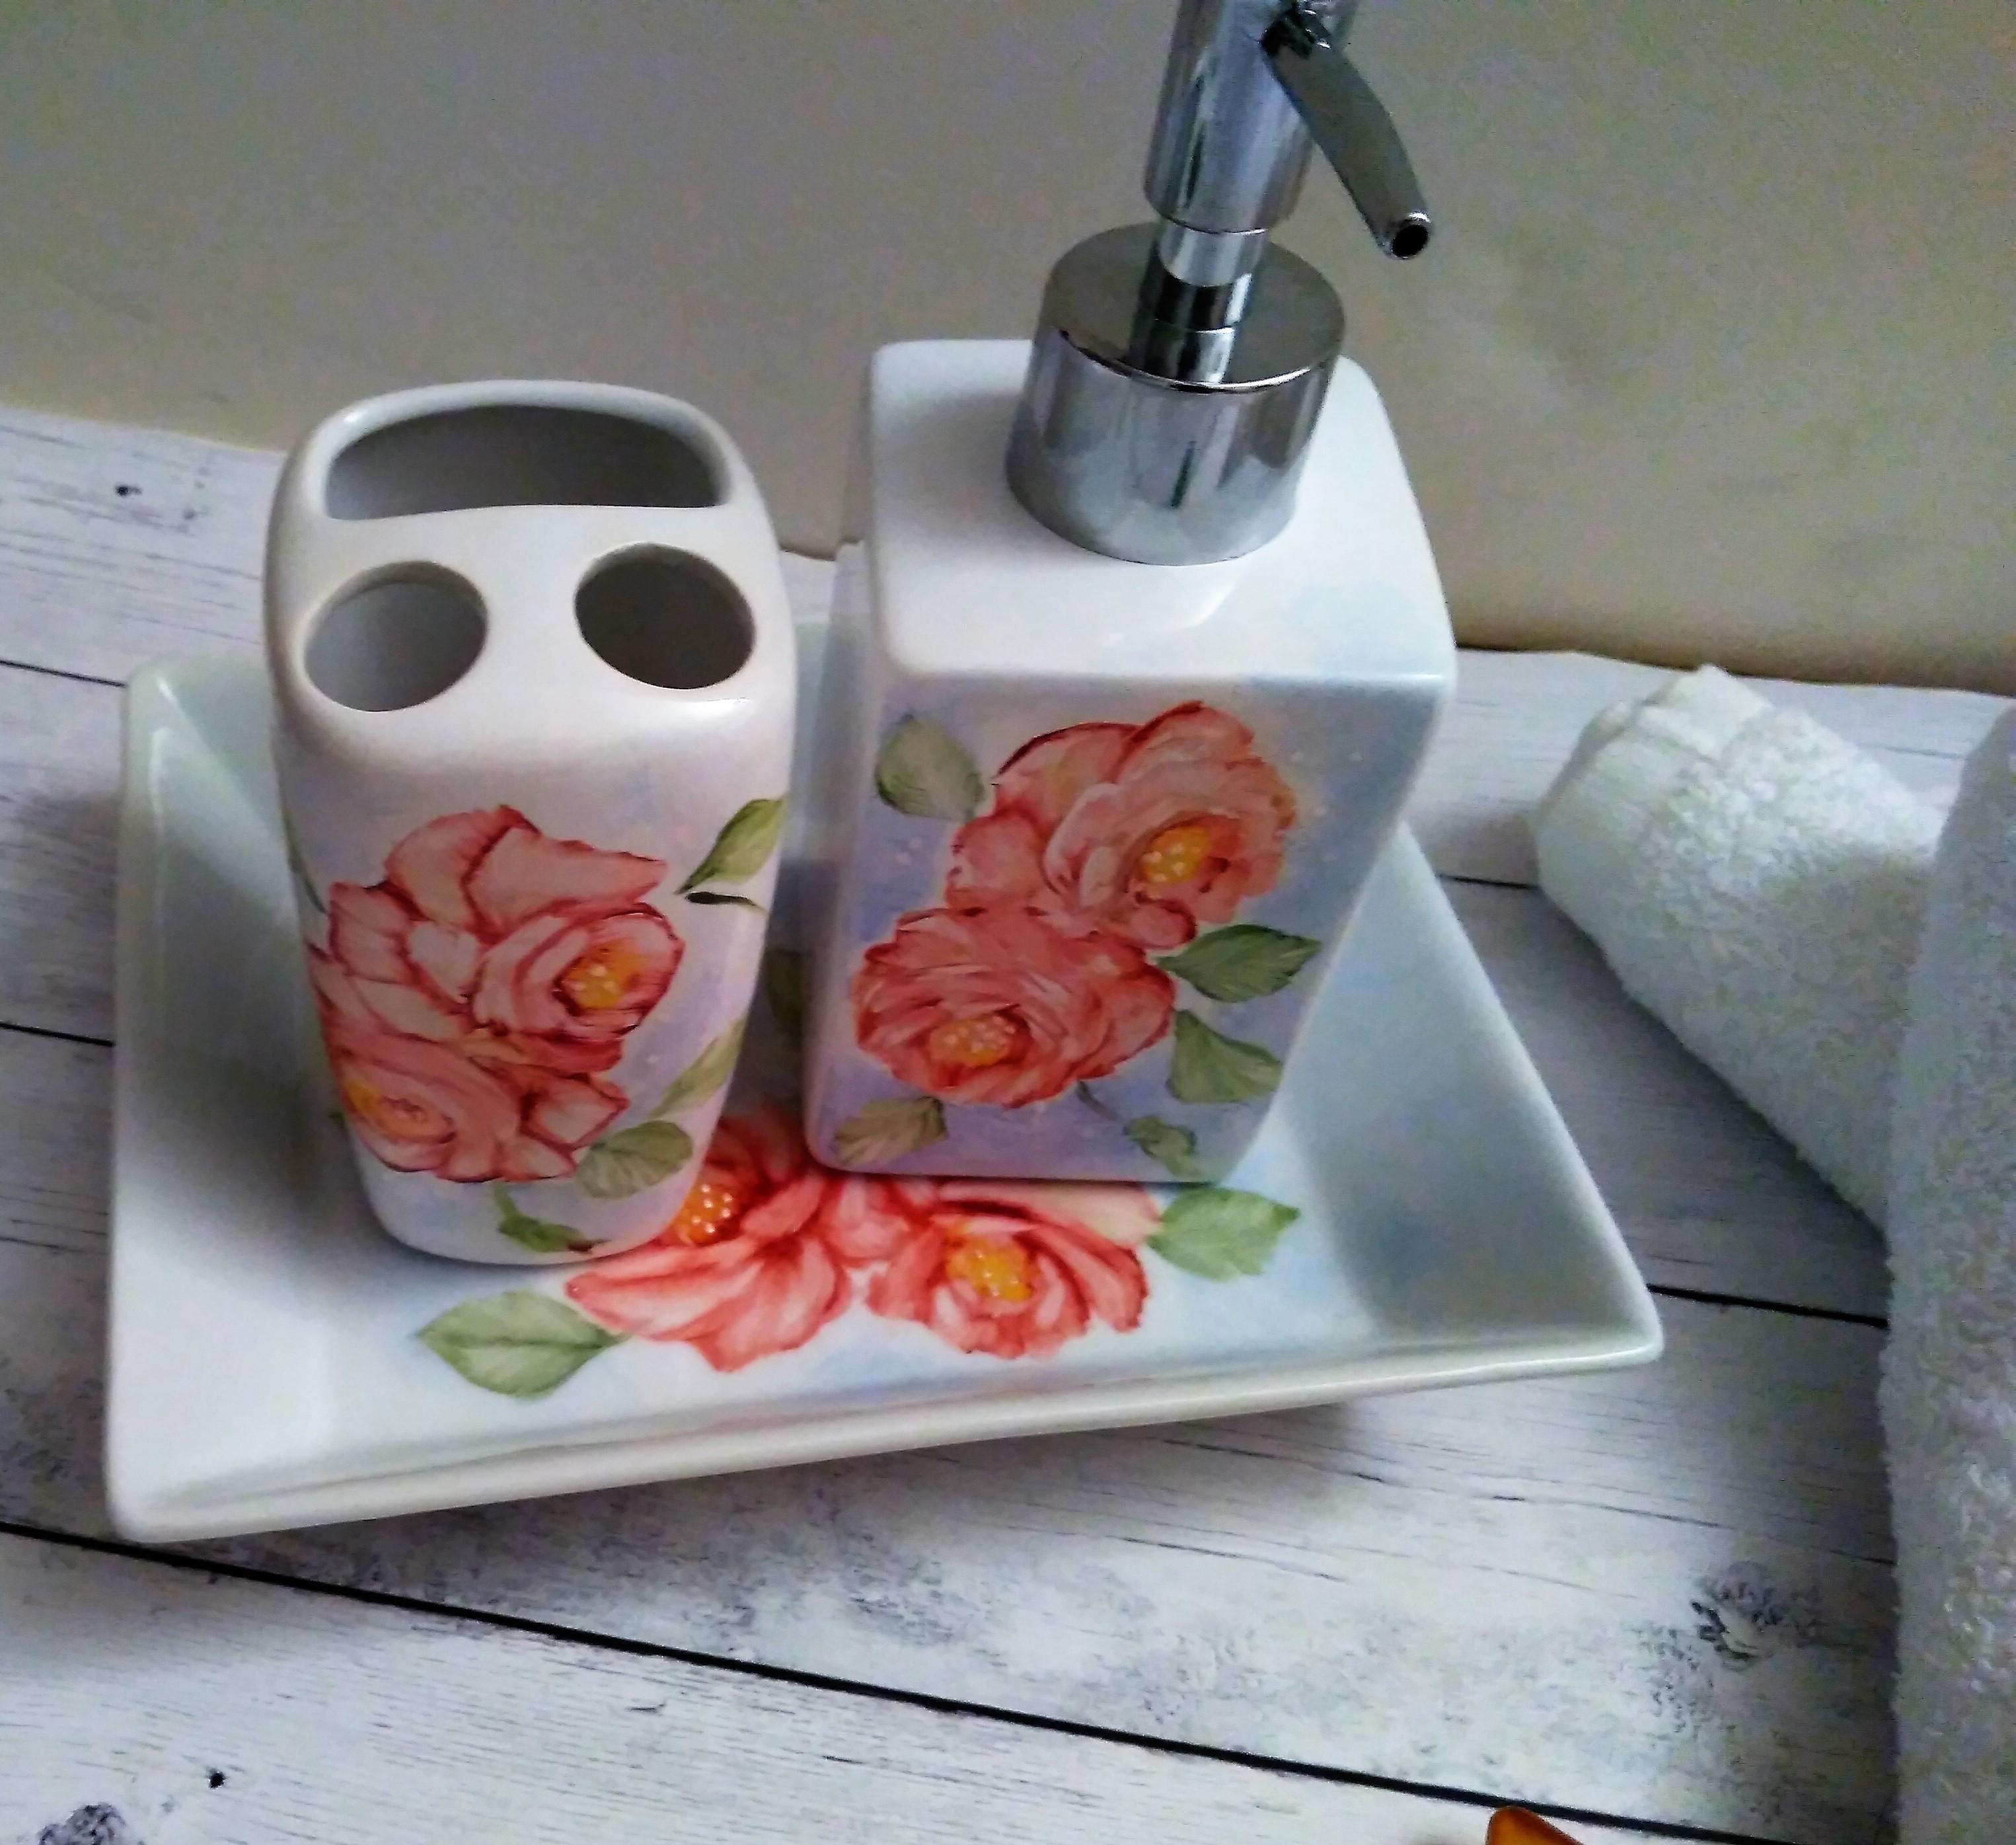 Set Da Bagno Prezzi.Creazioni Altro Set Da Bagno Con Rose Arancioni